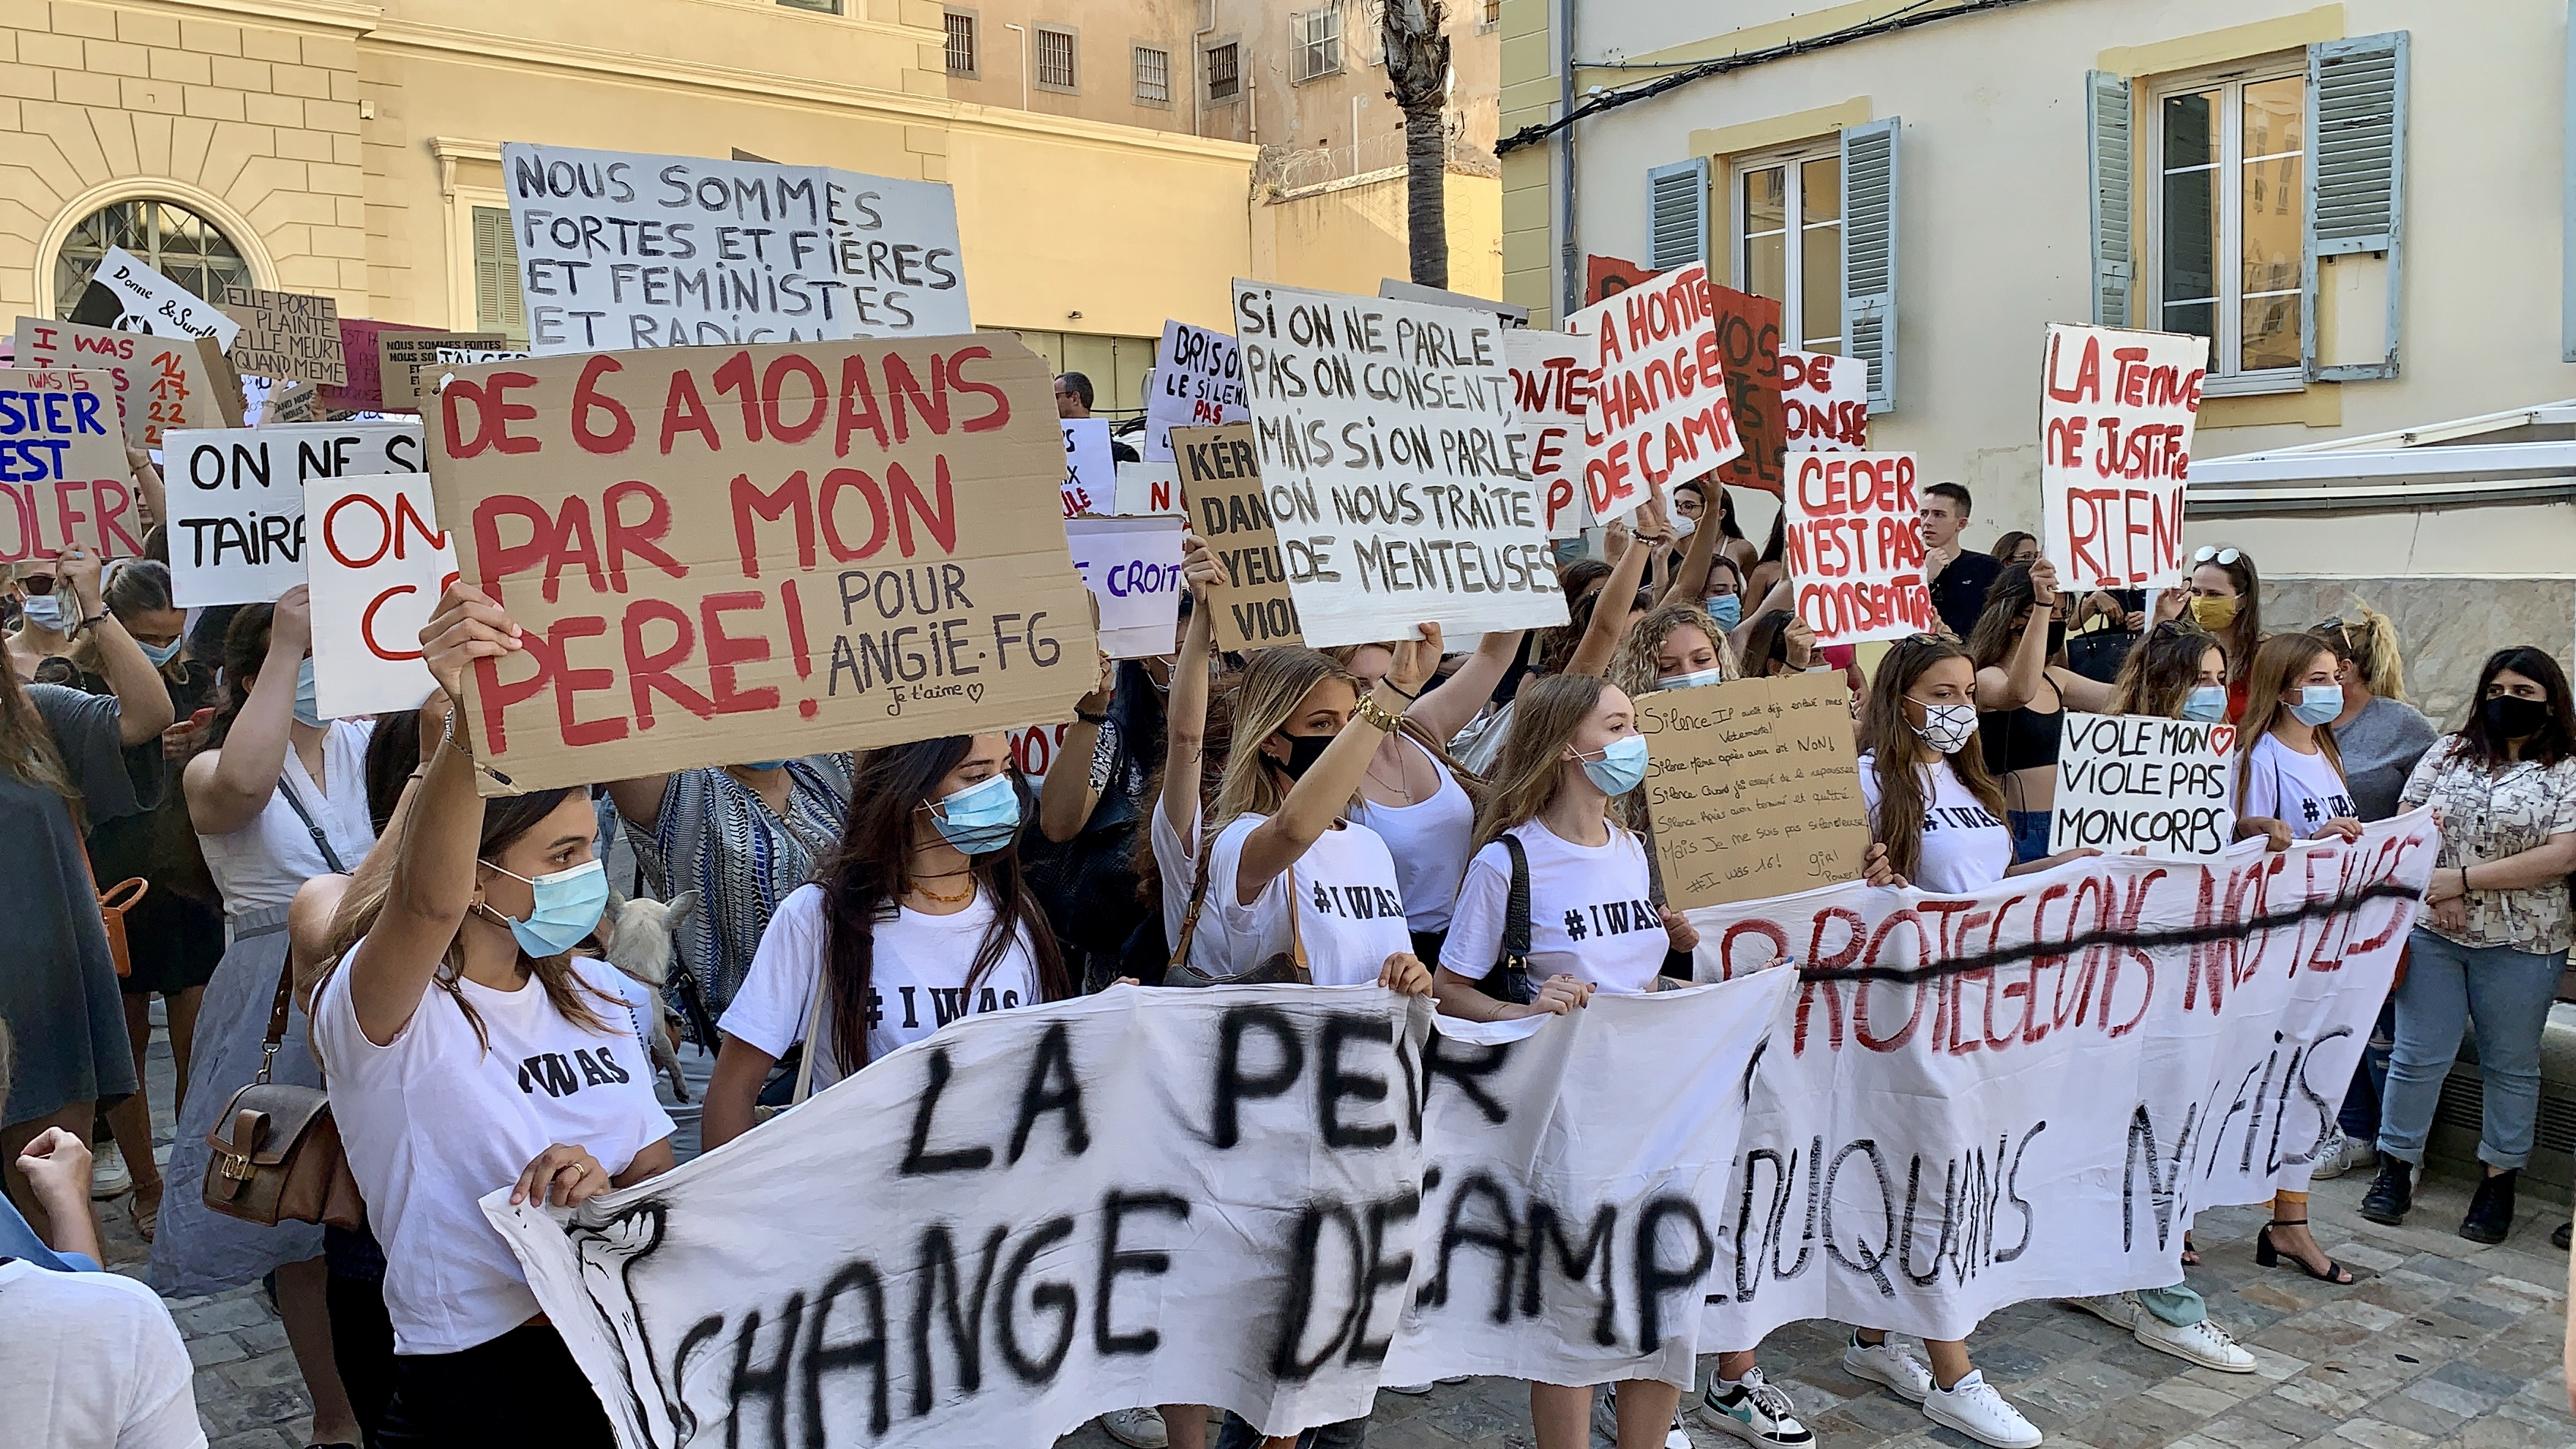 #Iwas Ajaccio : une marche contre les violences sexuelles